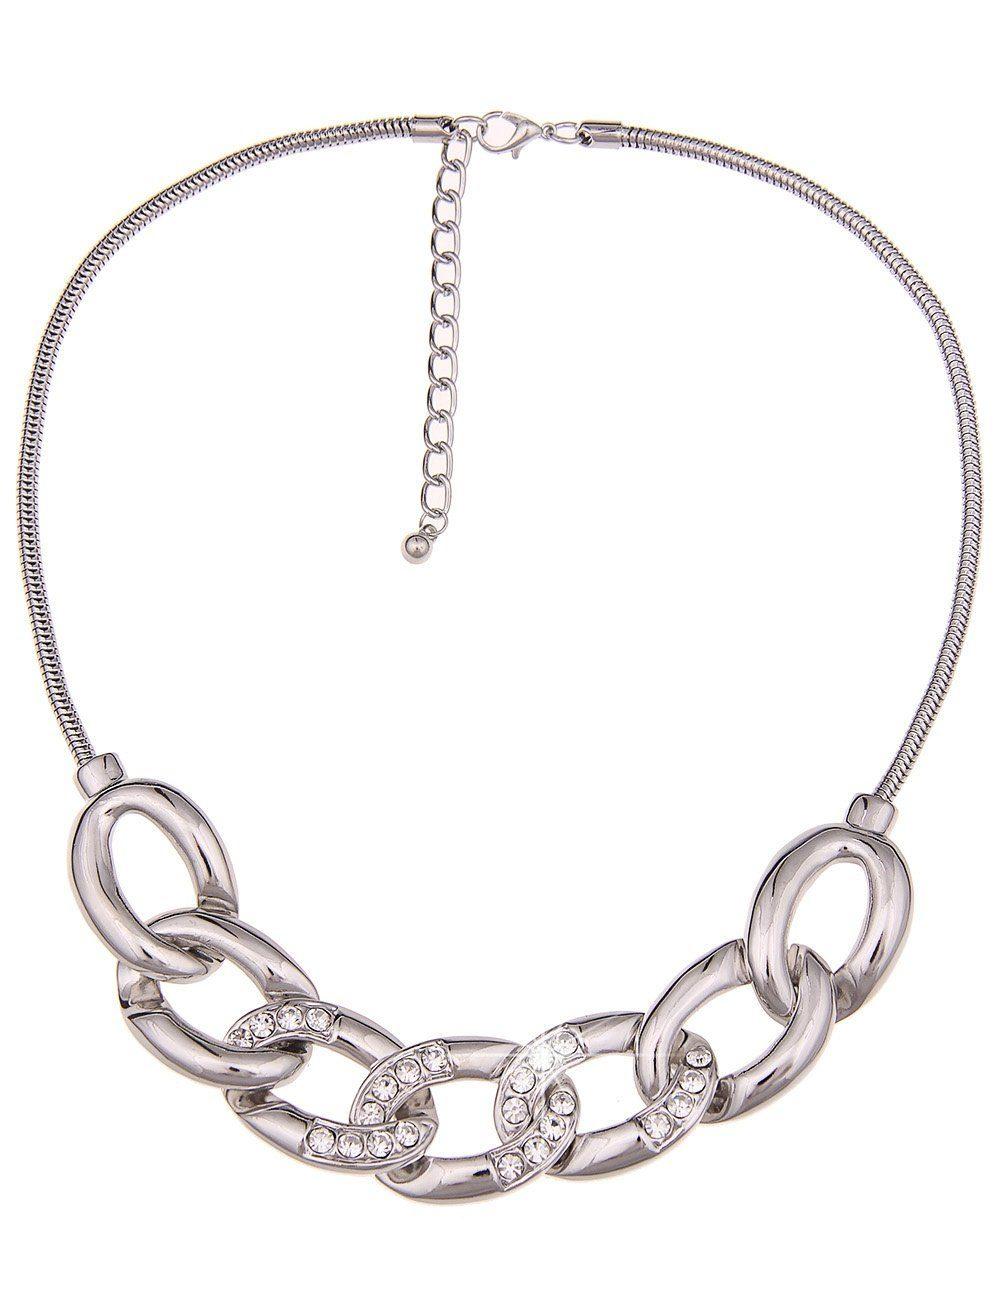 Leslii Halskette mit Glitzer-Elementen